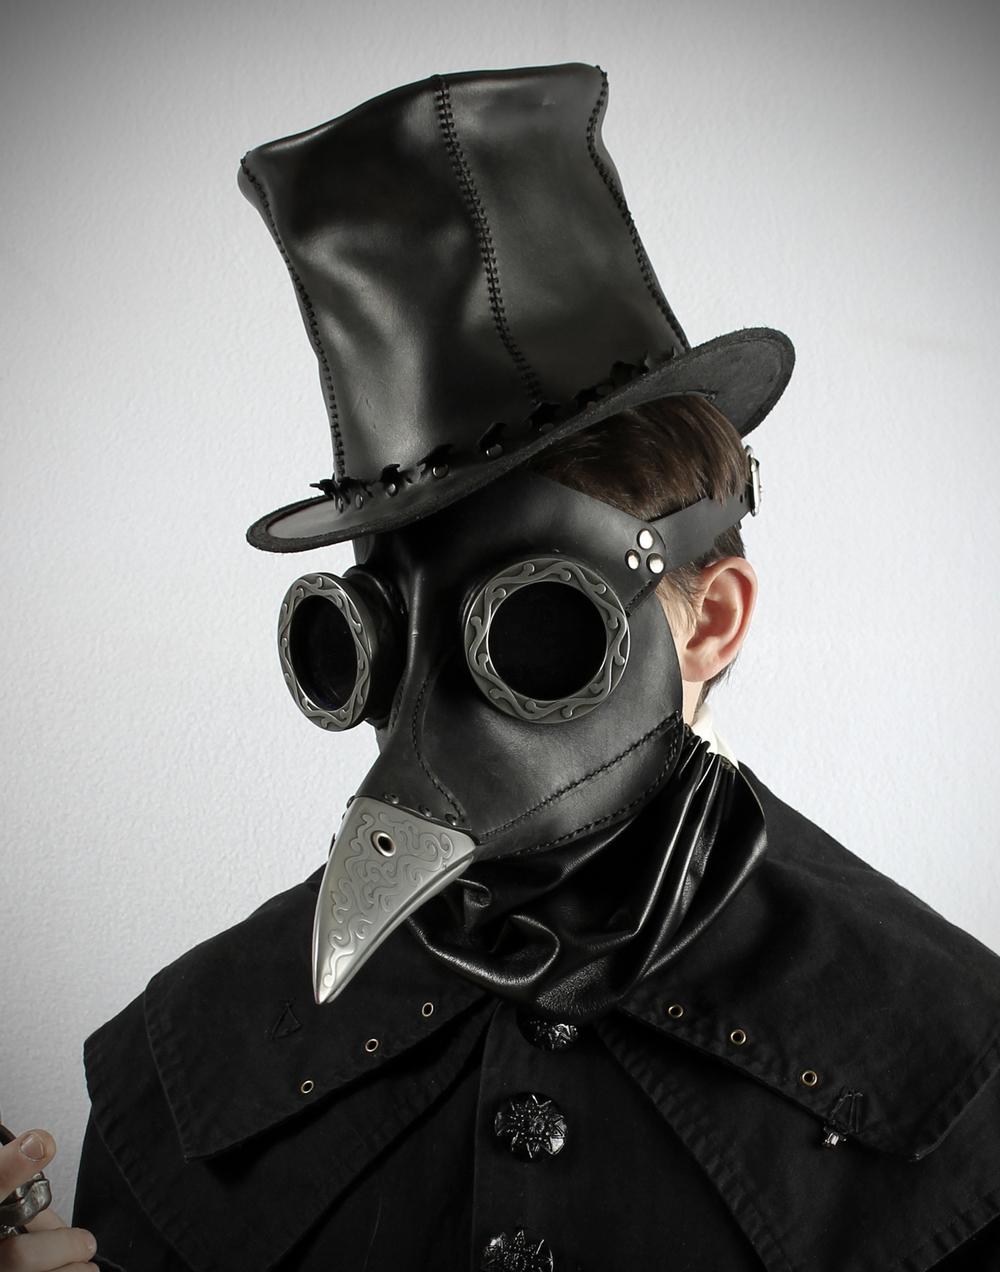 Plague (Black Death) Causes, Symptoms, Signs, Treatment ...